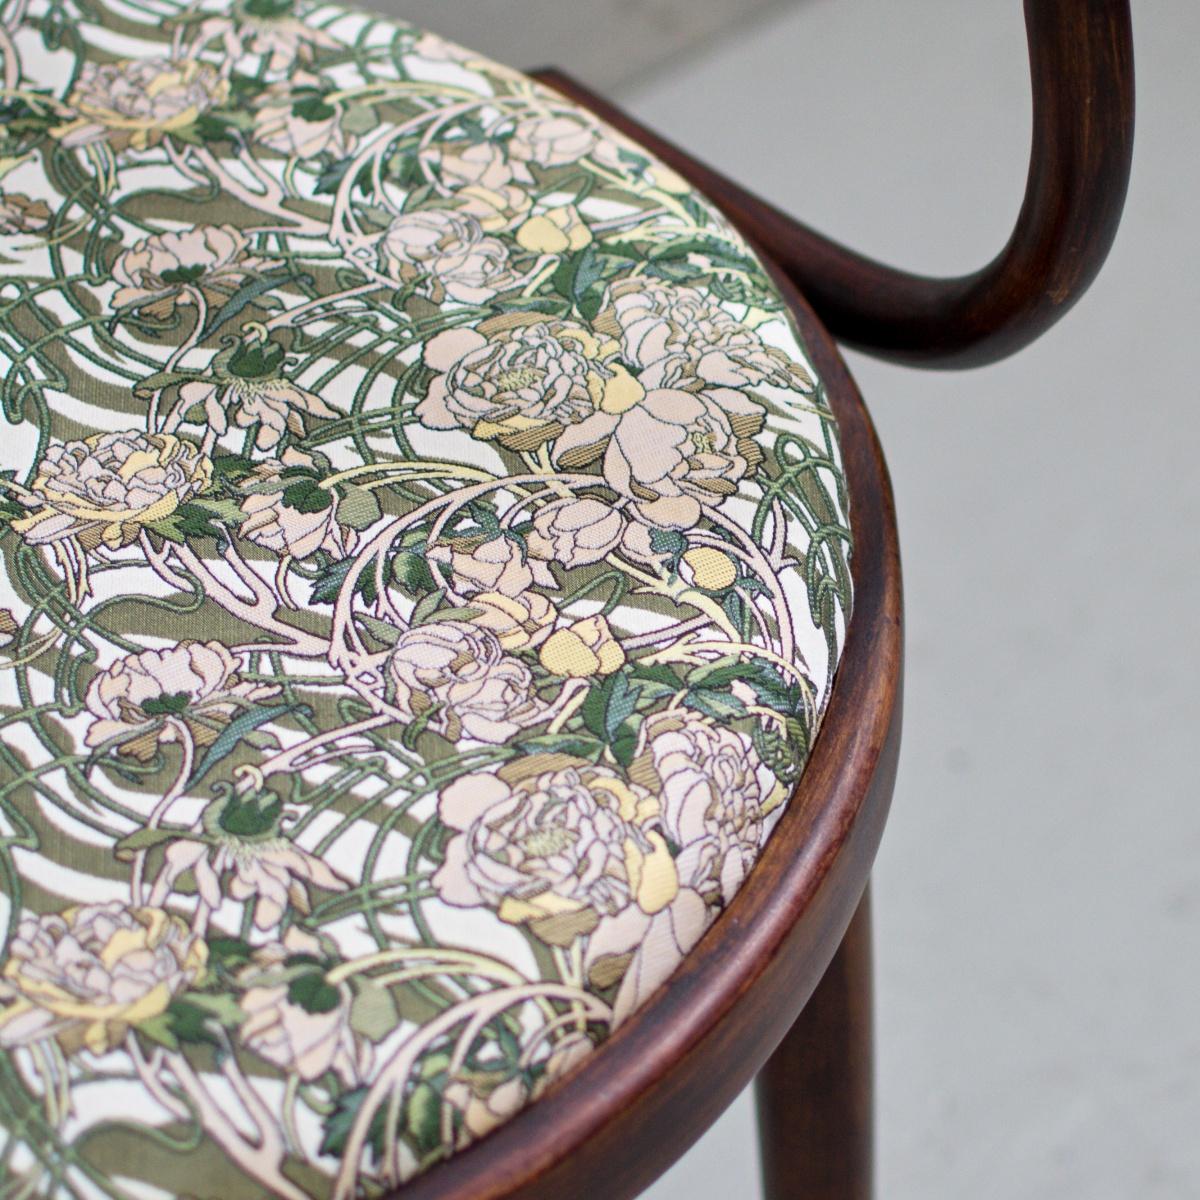 Prodej retro nábytku Ton křeslo